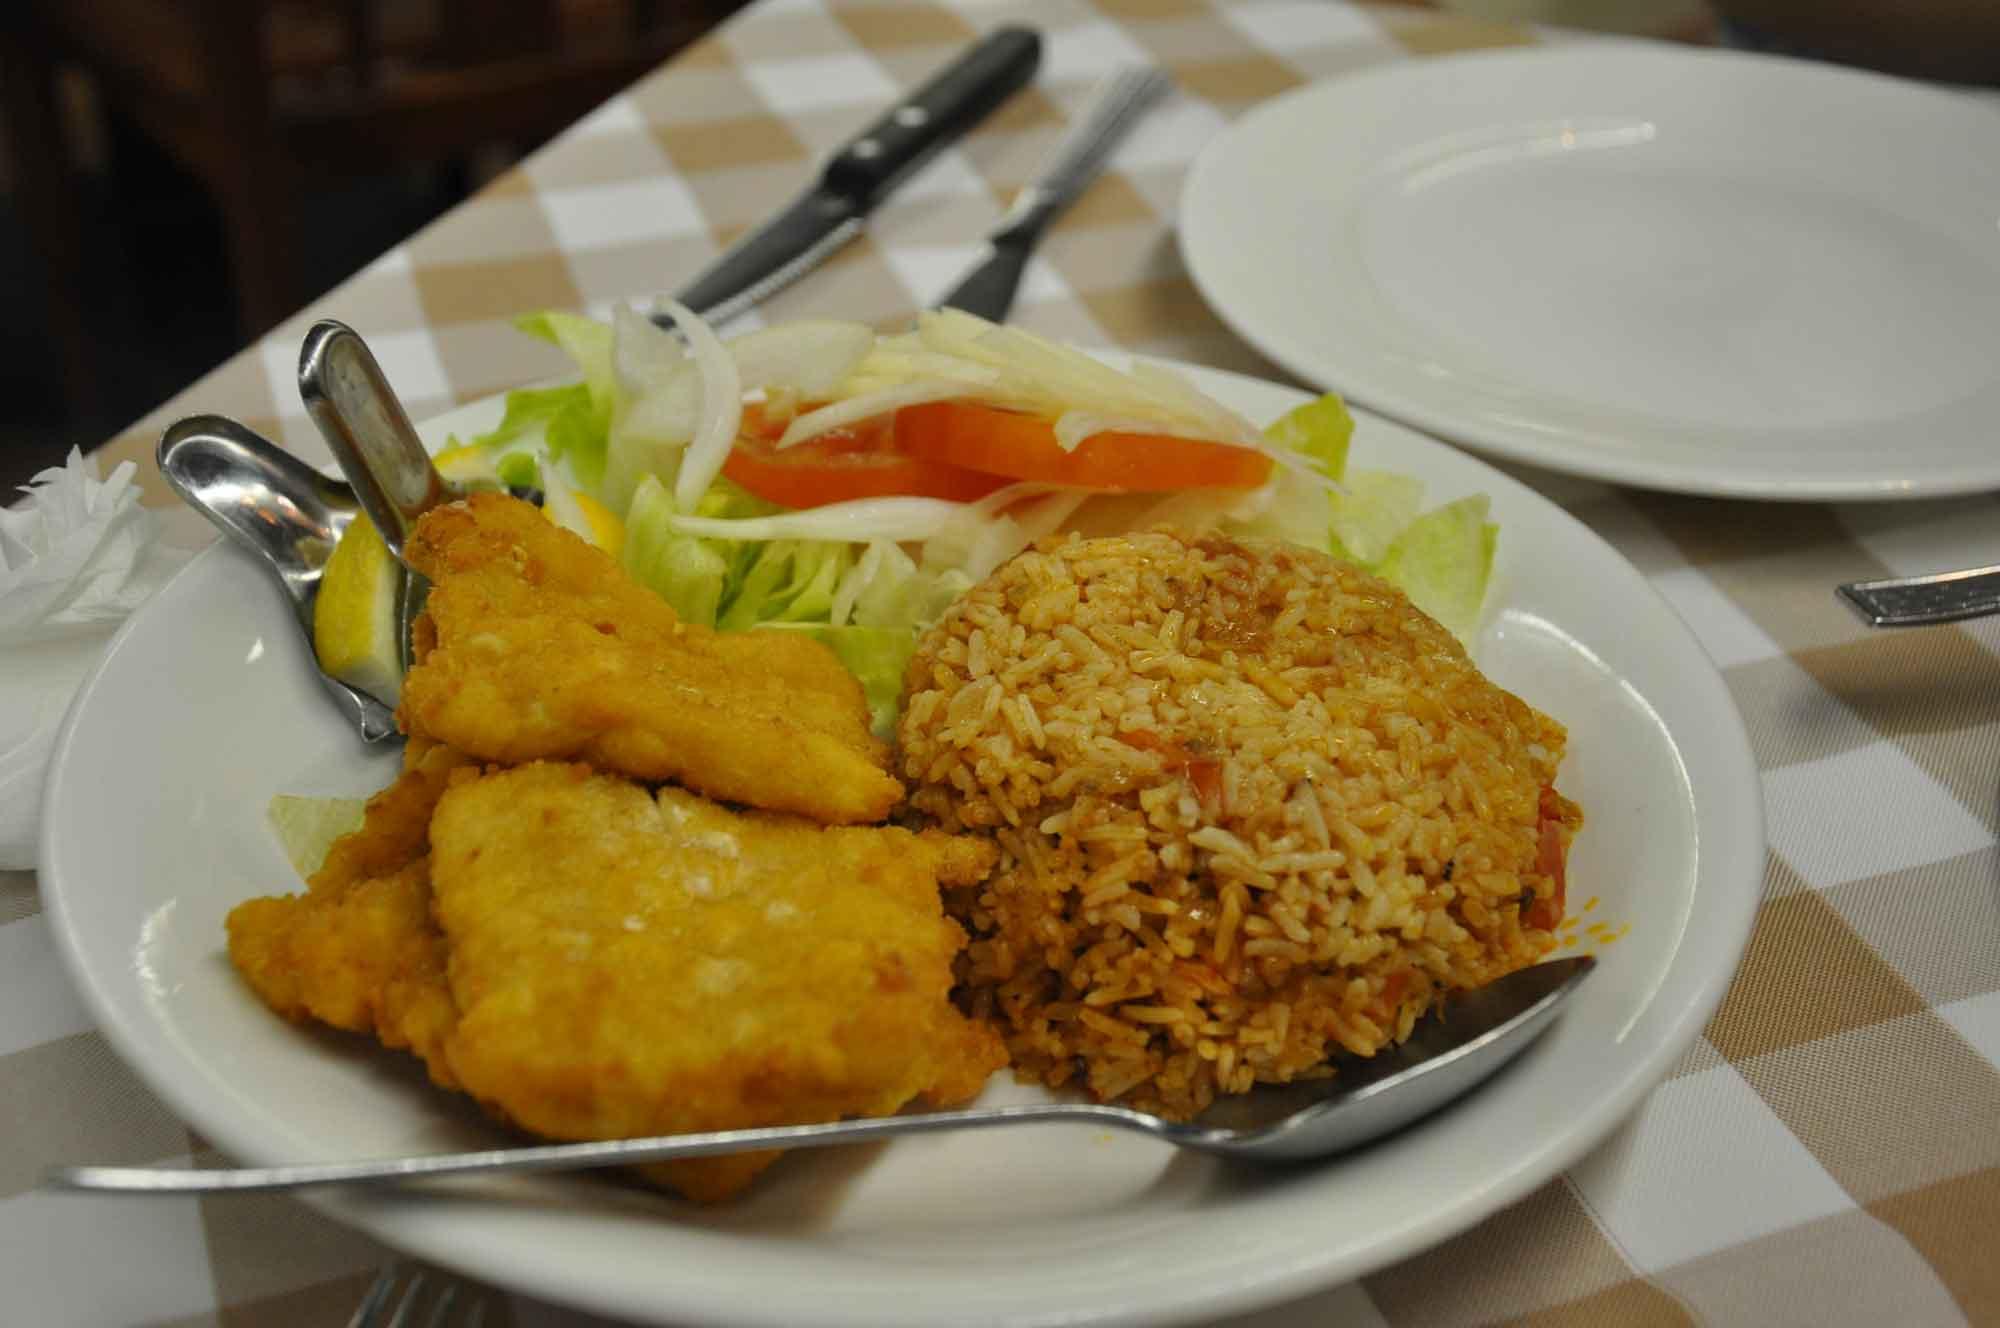 A Lorcha Macau fish fillet